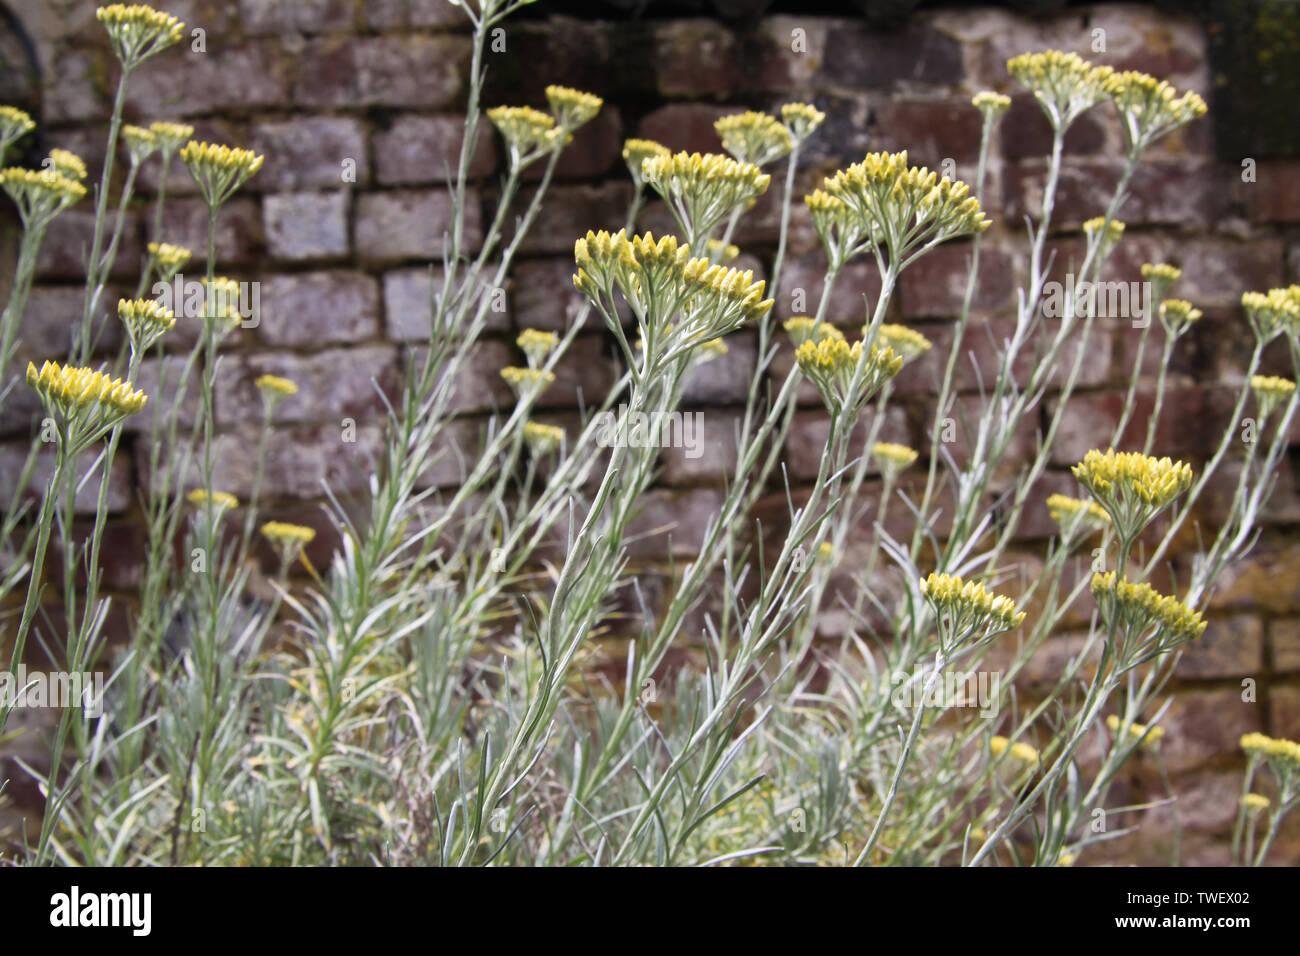 Fiore giallo curry impianto (Helichrysum italicum) in tedesco giardino con il vecchio weathered muro di mattoni in background Immagini Stock